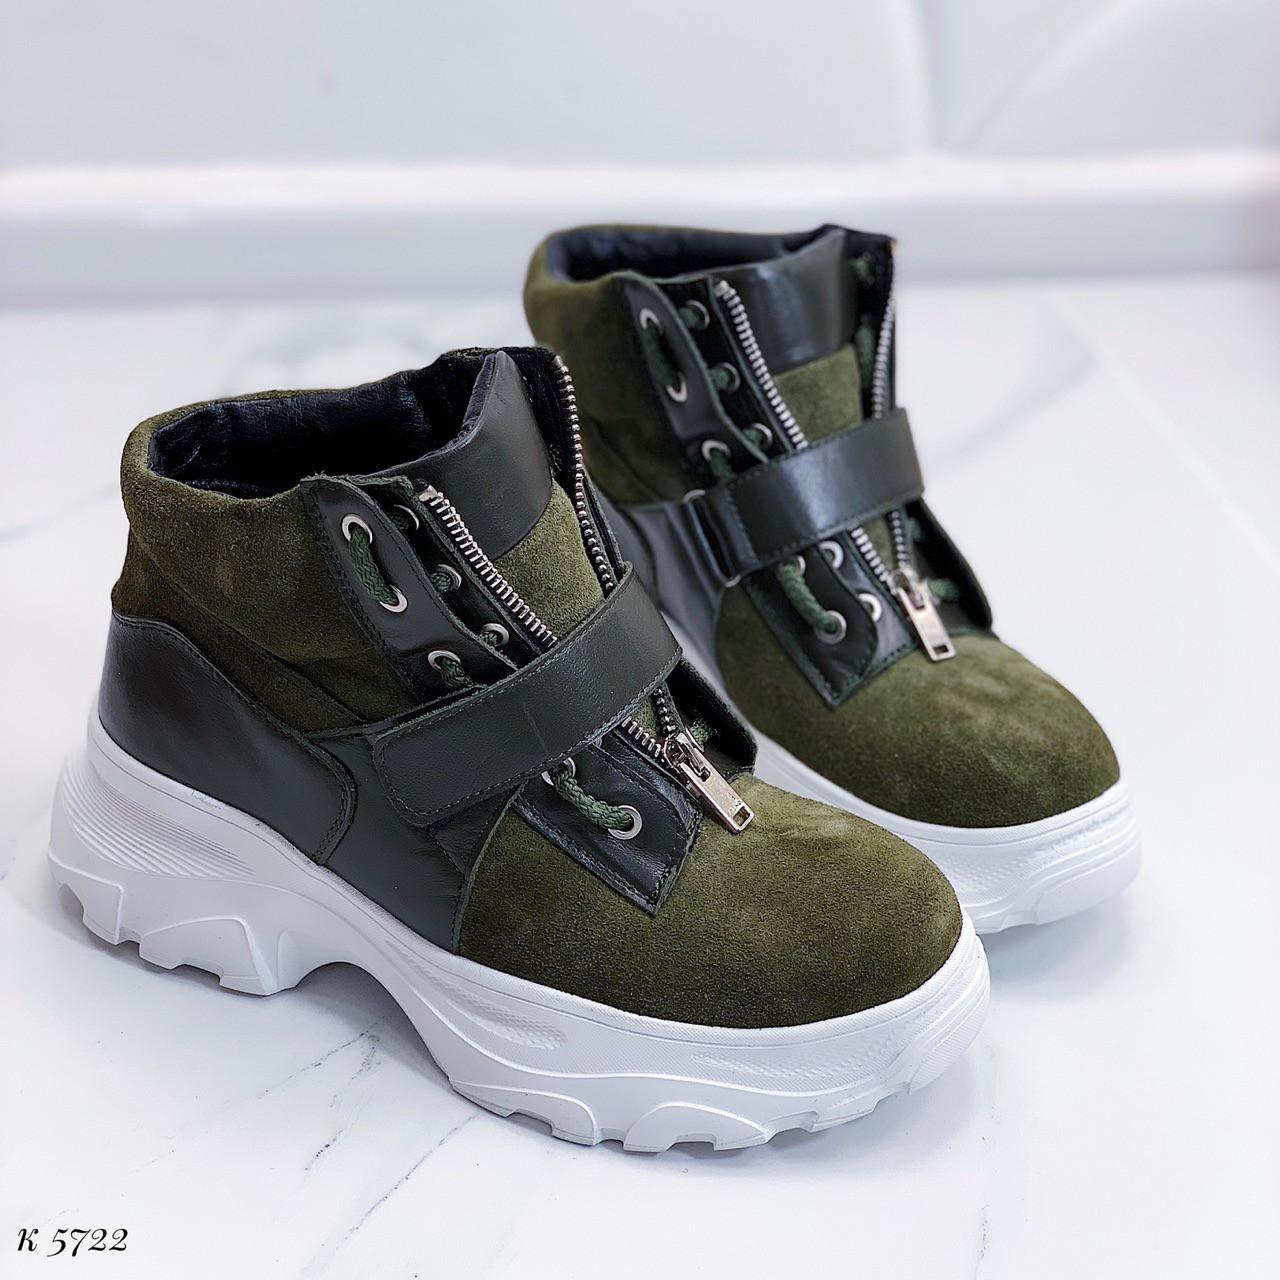 37 р. Ботинки женские деми зеленые замшевые на подошве, демисезонные, из натуральной замши, натуральная замша